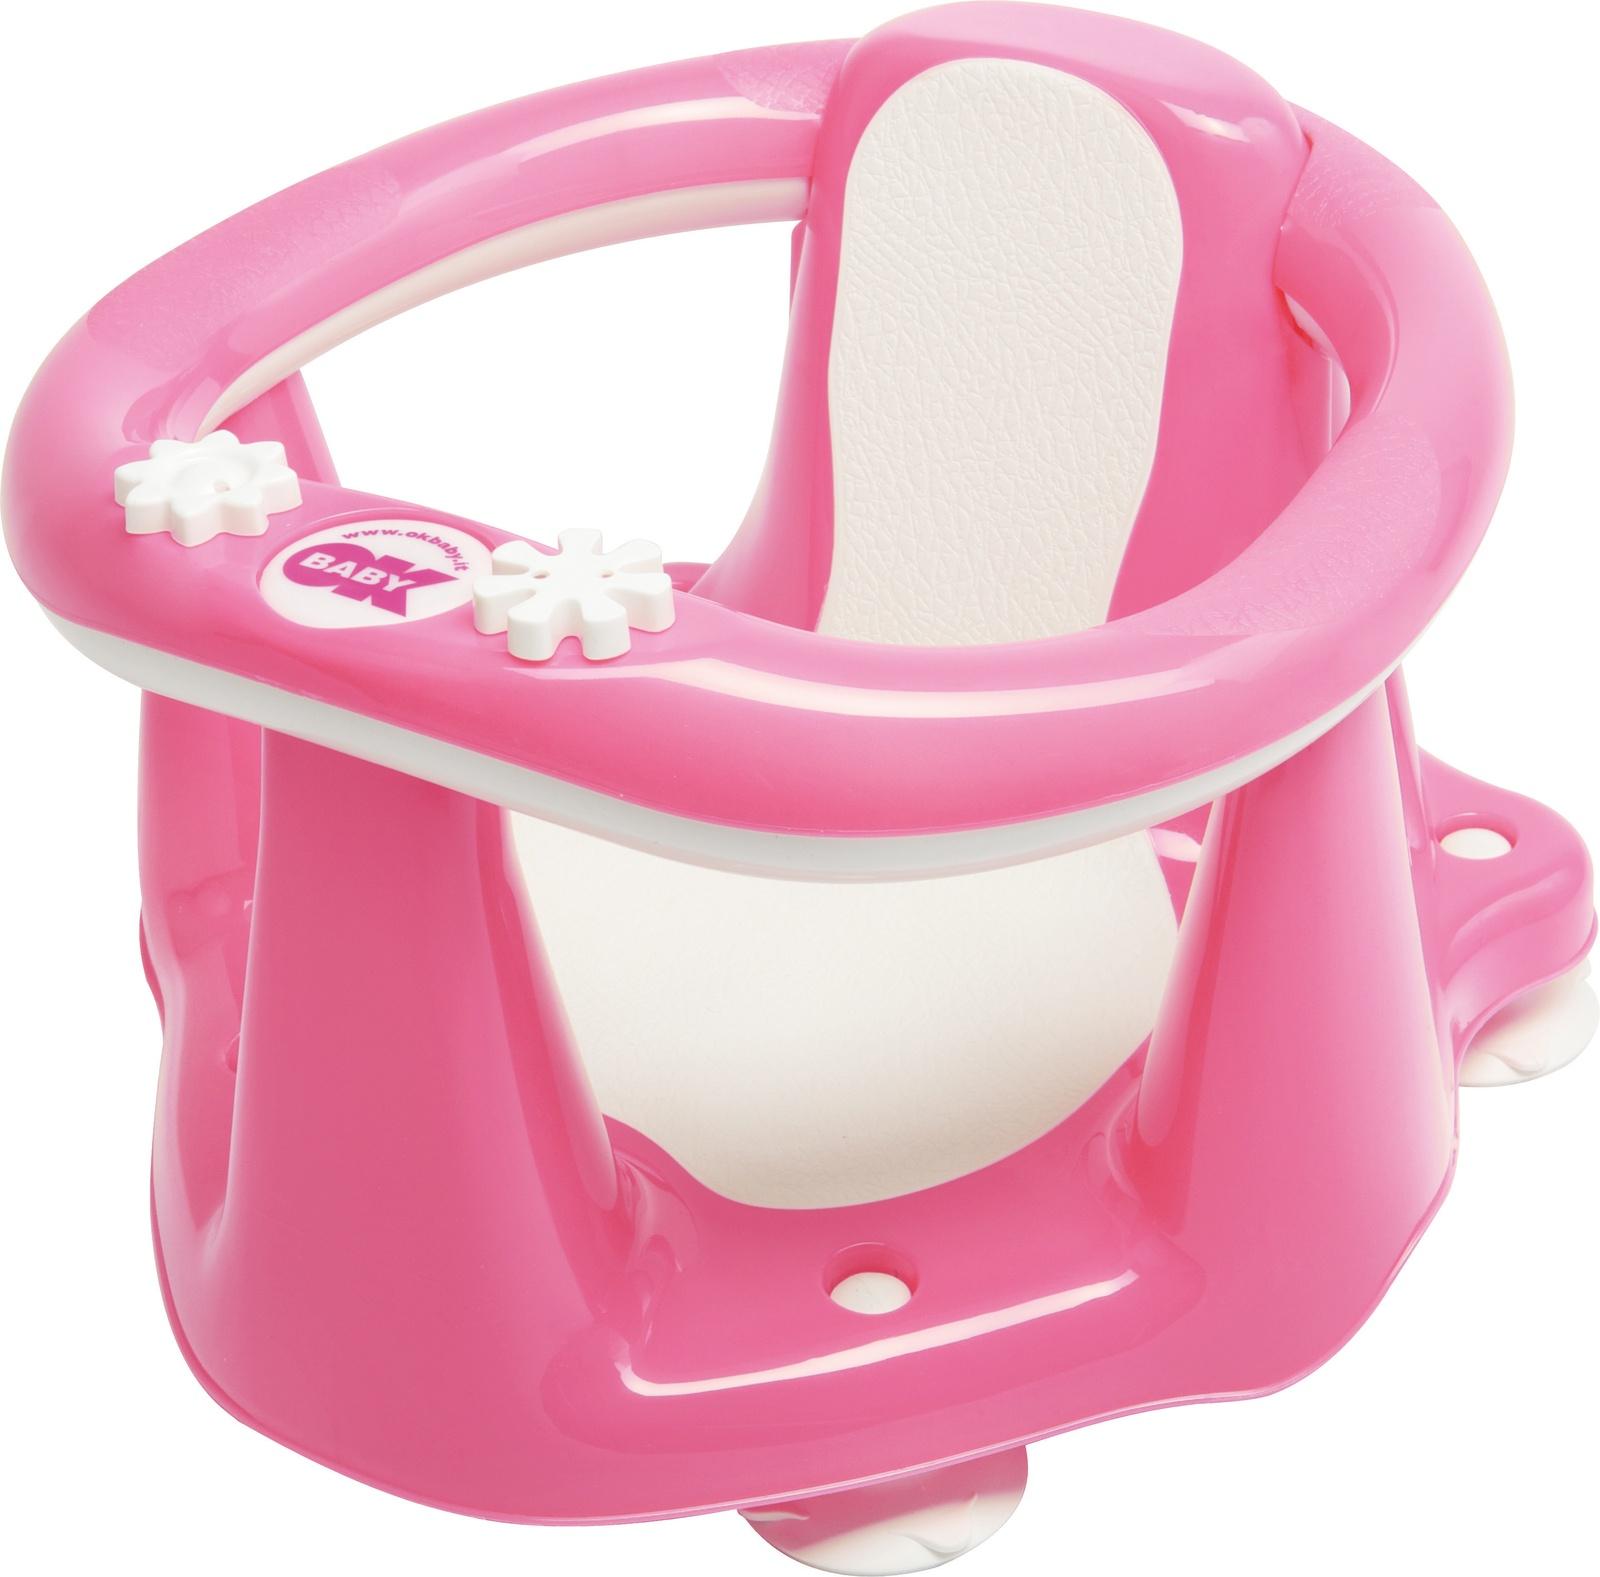 Стульчик для купания ОК Ваву FLIPPER Evolution розовый